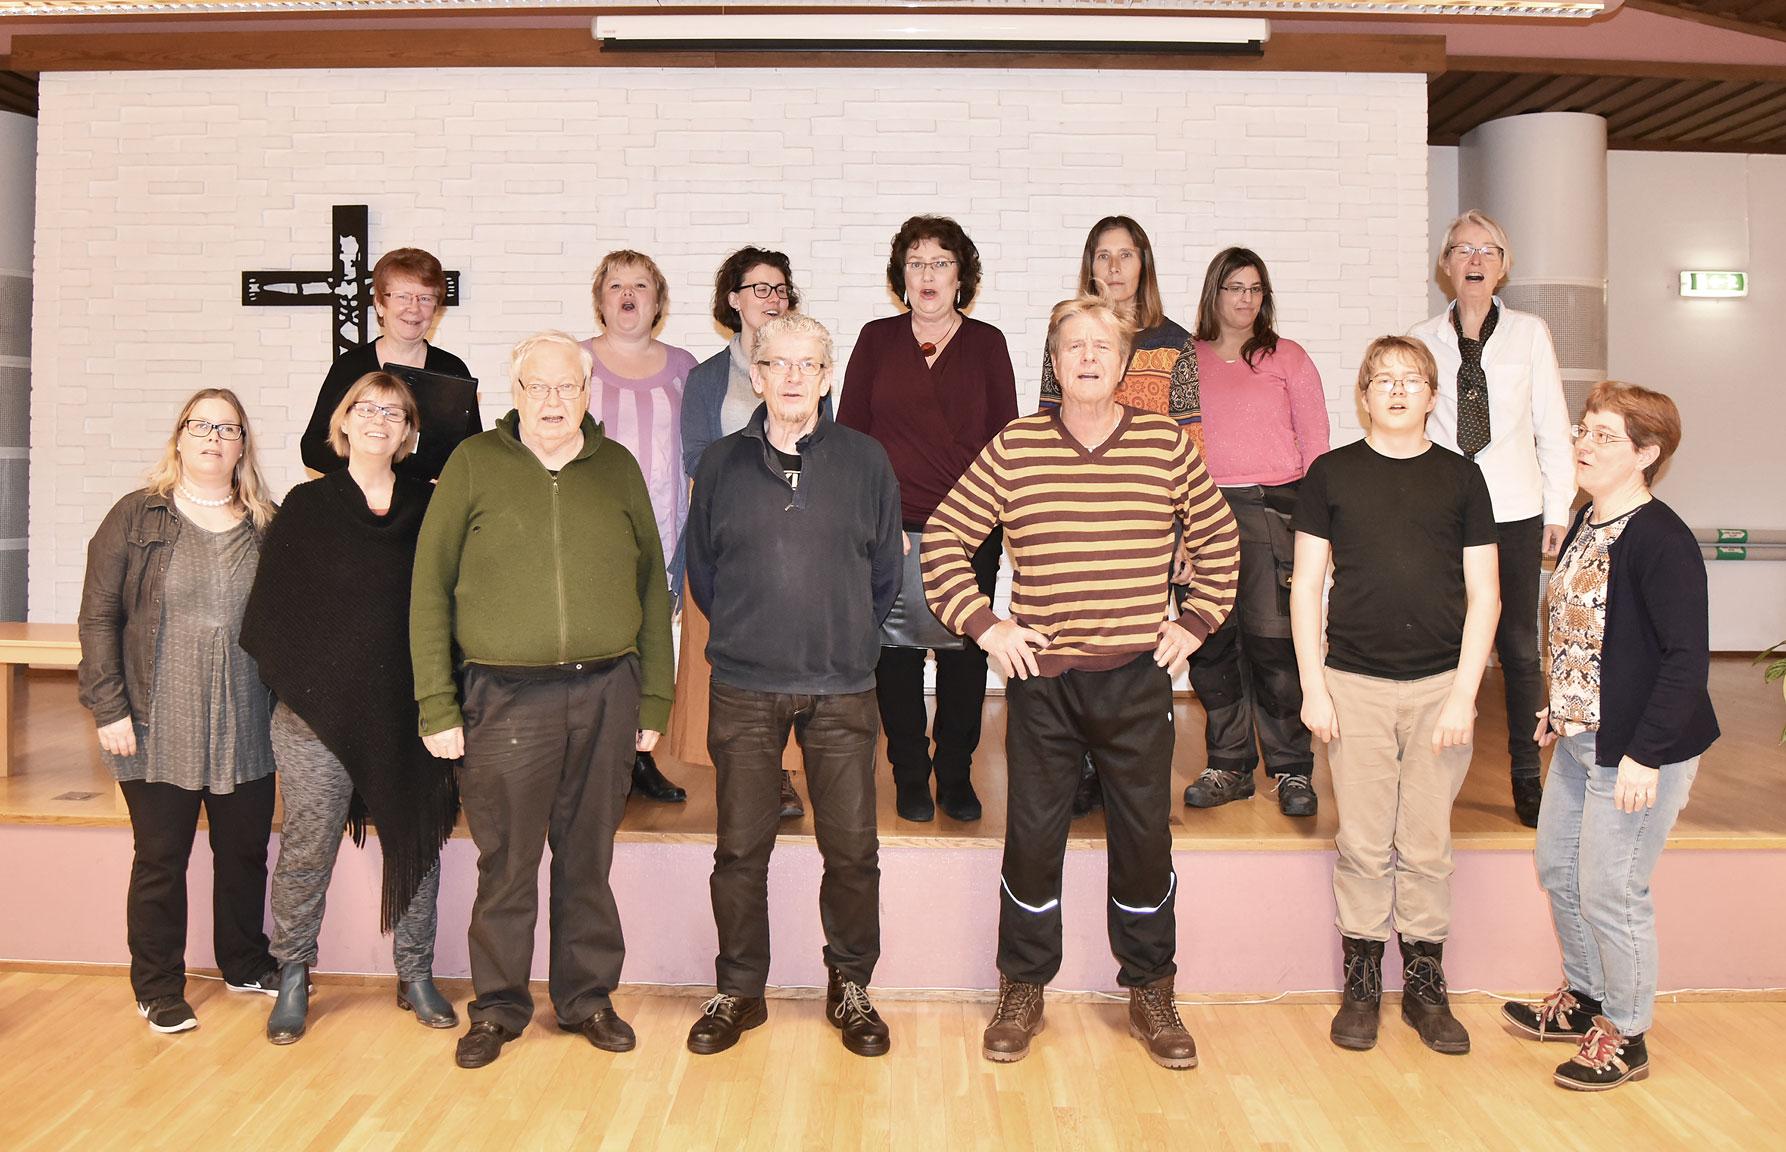 Körerna är många i Nybro, och nytt i år är att vi presenterar en ny kör i varje nummer. Första tonen går till Joy Singers.